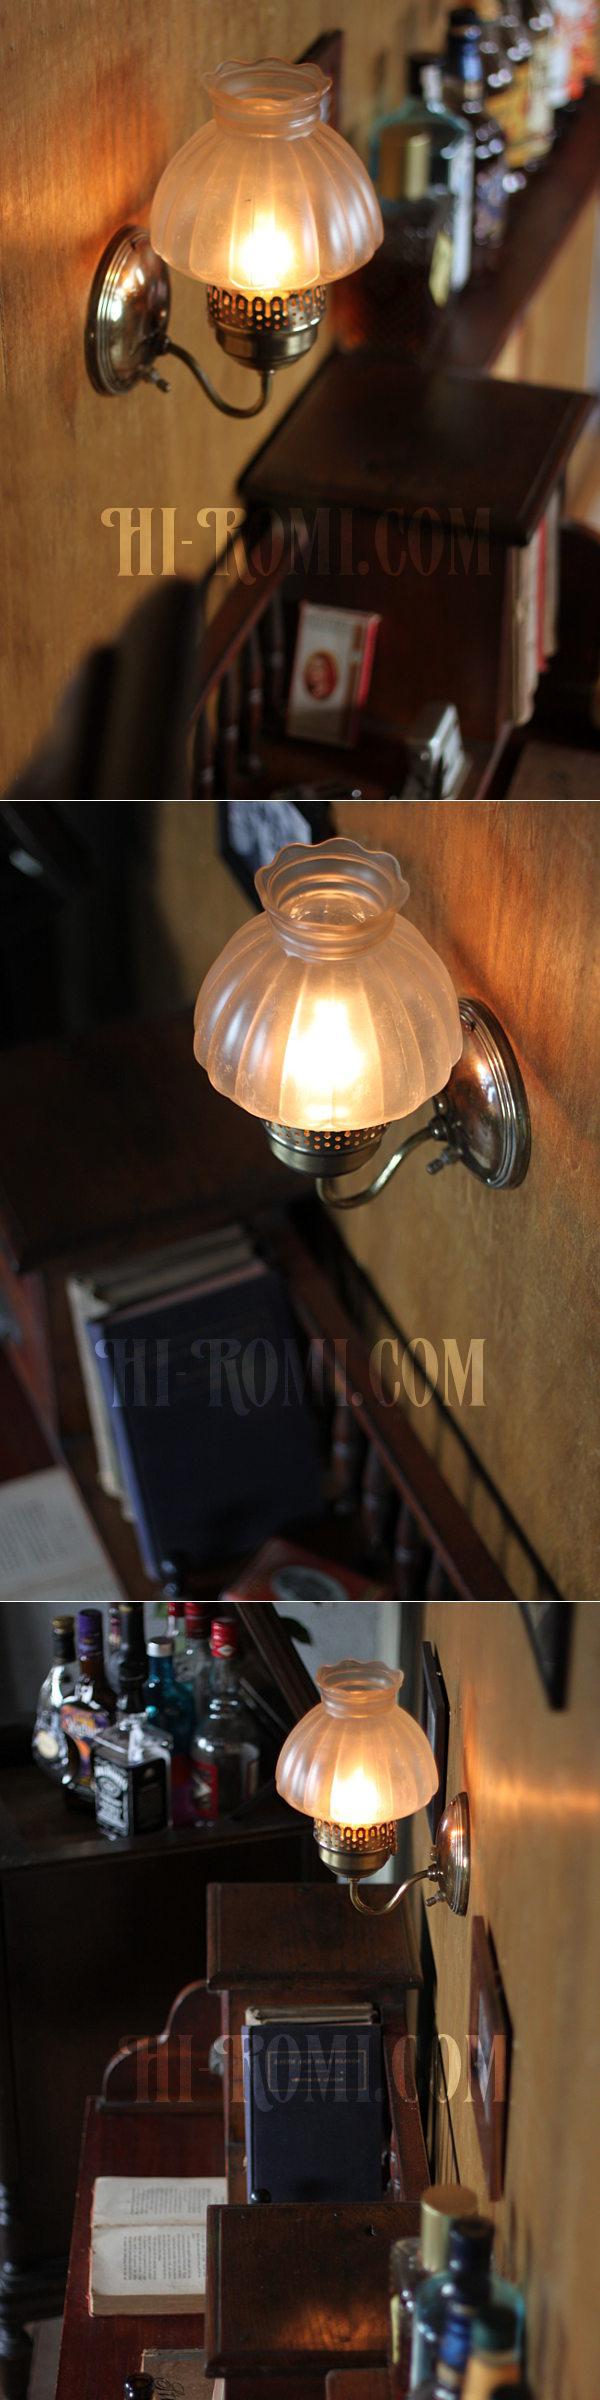 ヴィンテージコロニアルくもりガラスチムニーシェードのブラケットランプ/火屋ハリケーンヴィクトリアン壁照明